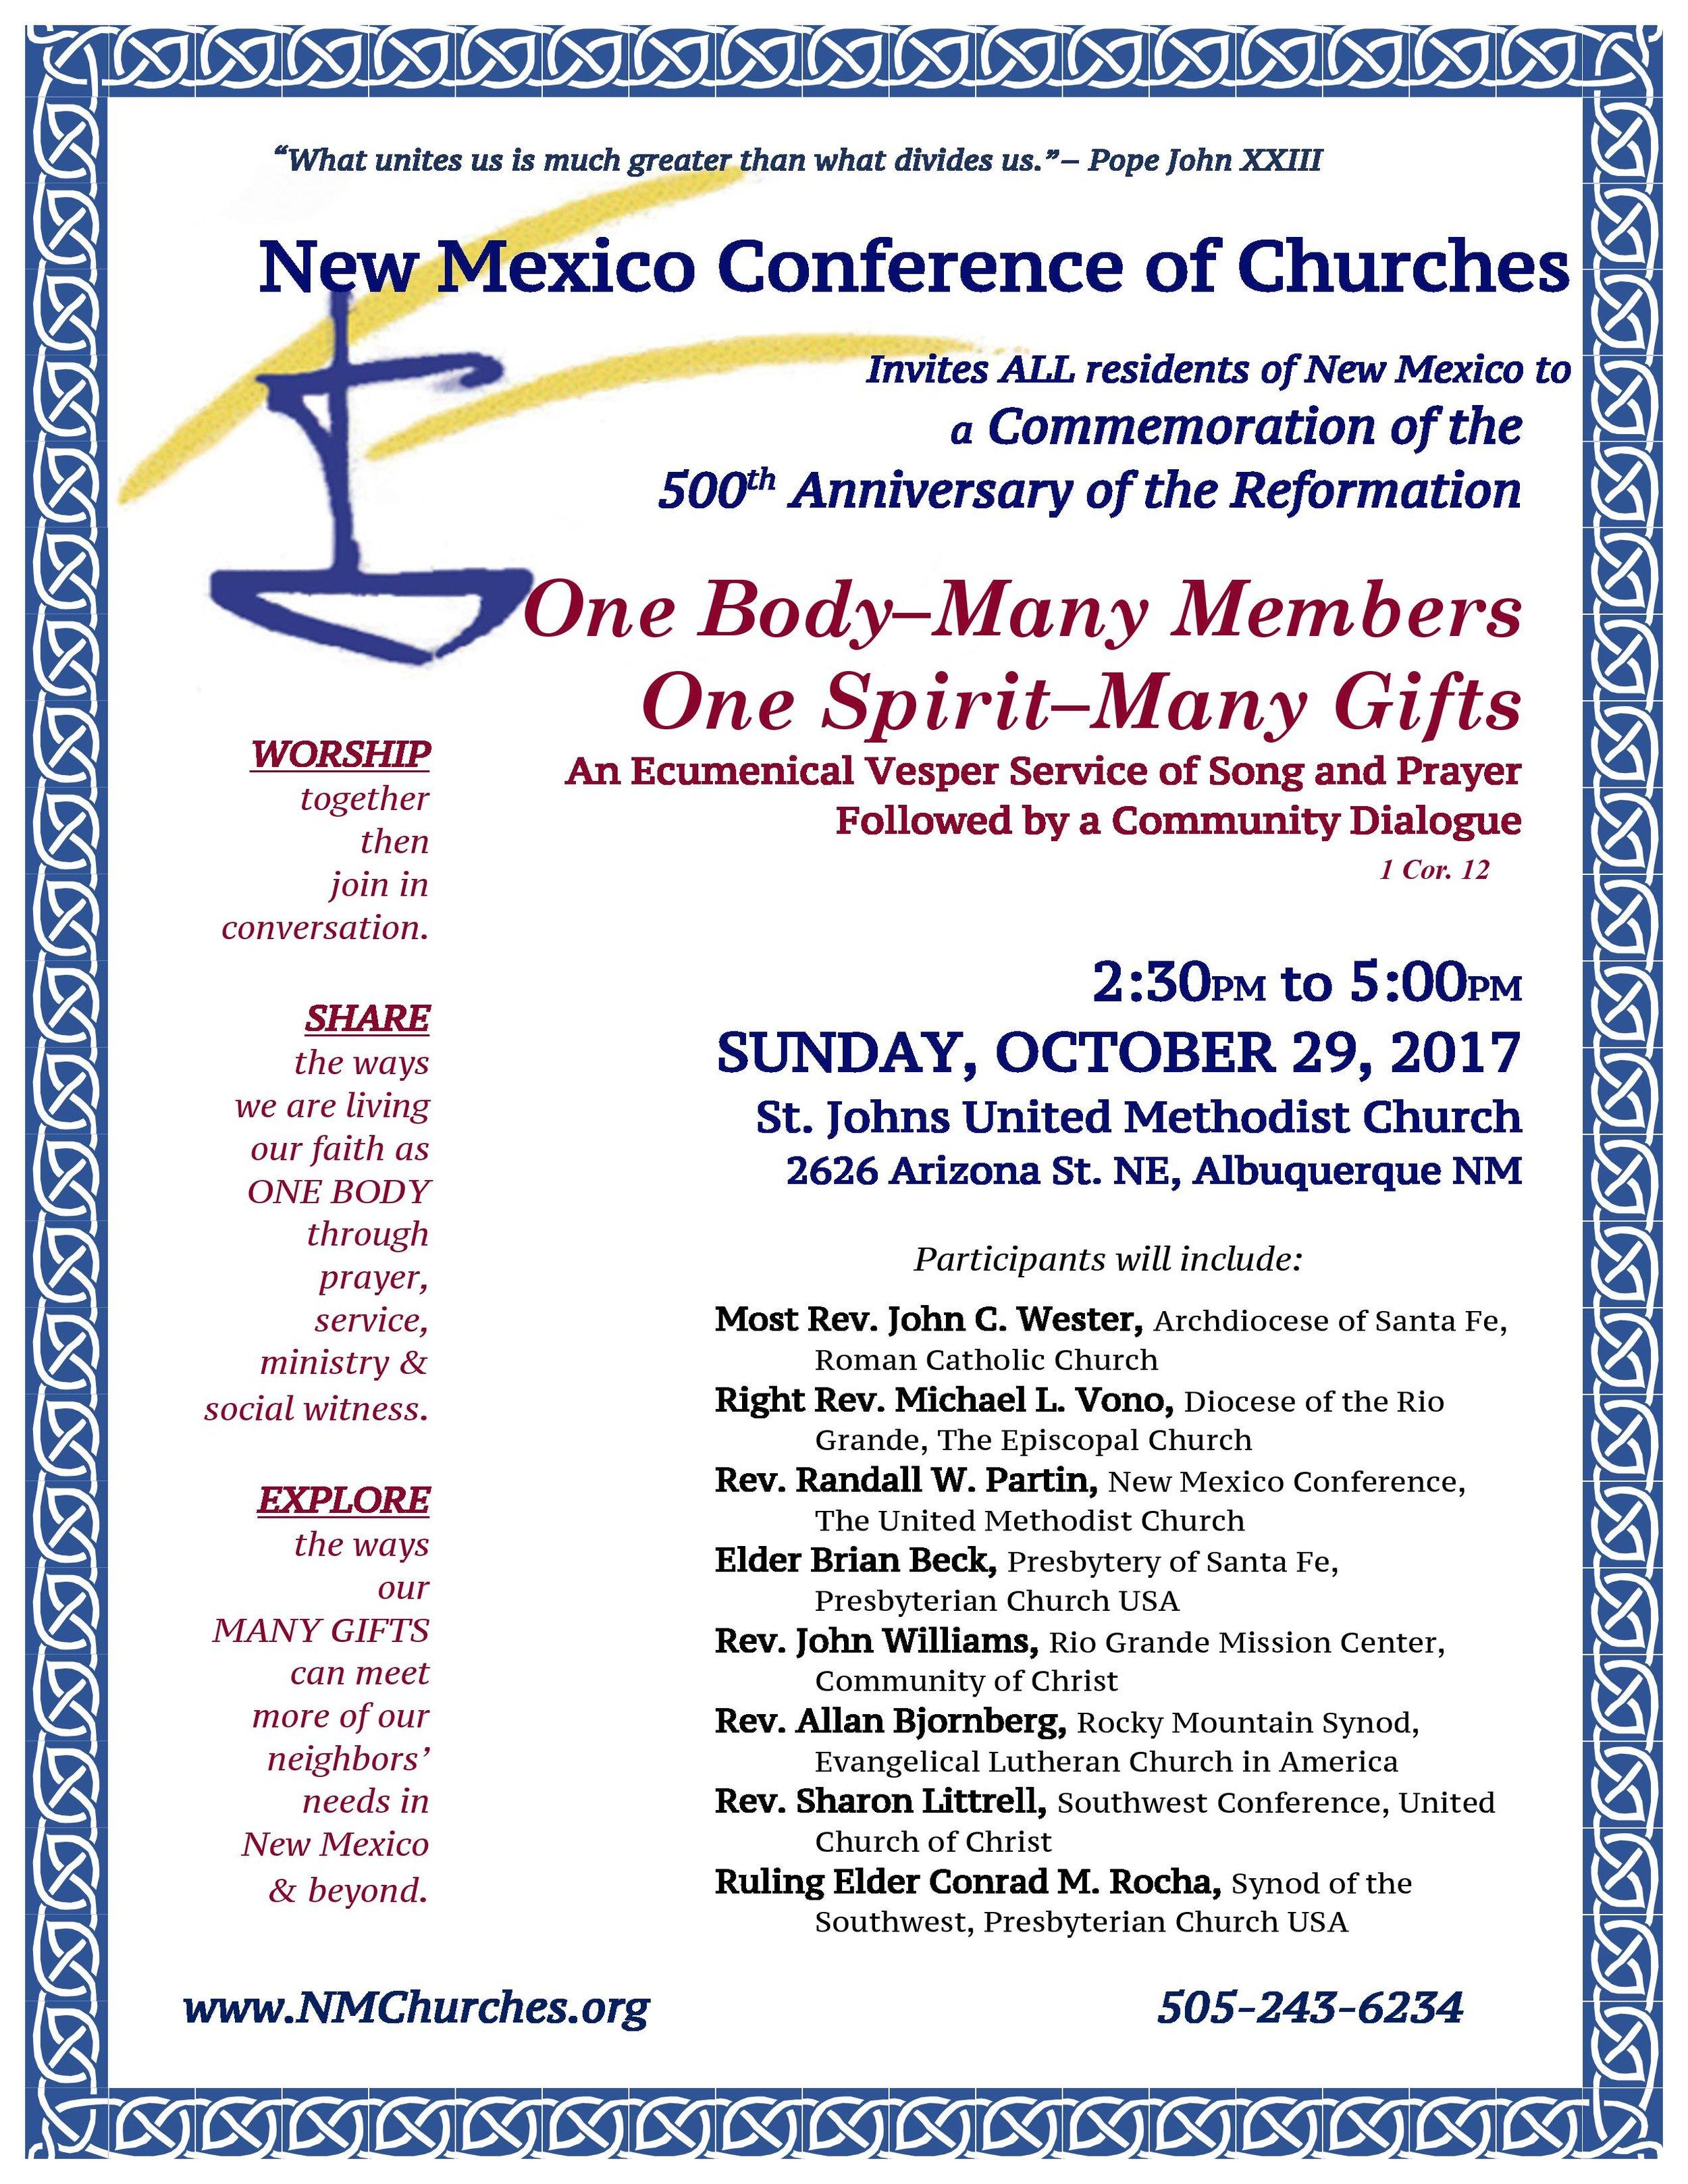 NMCC prayer service.jpg